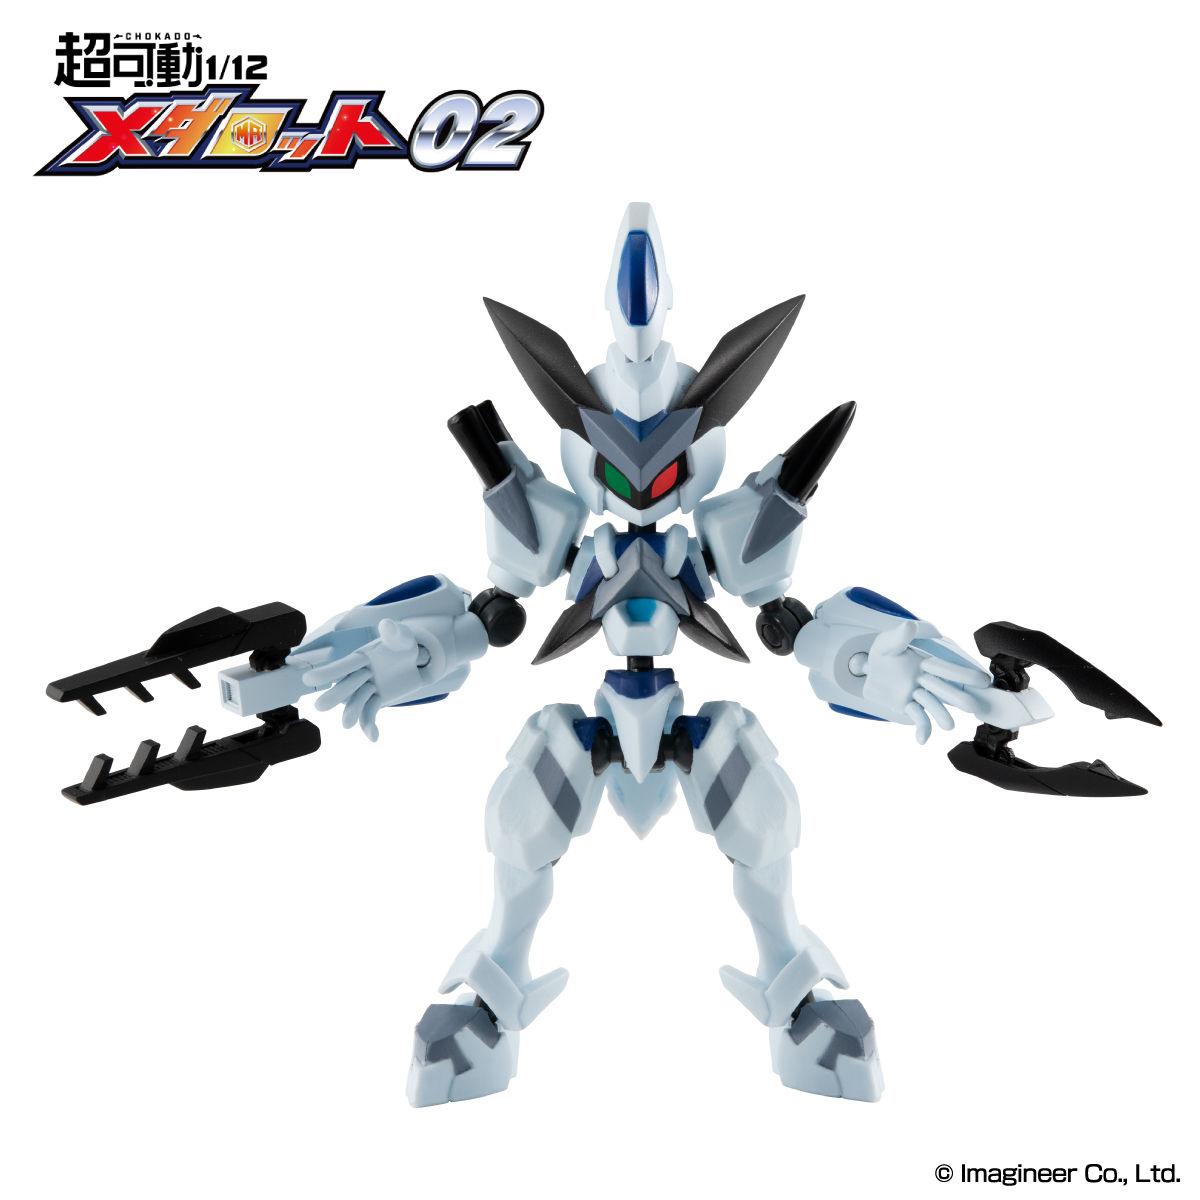 【ガシャポン】メダロット『超可動 1/12 メダロット02』可動フィギュア-004